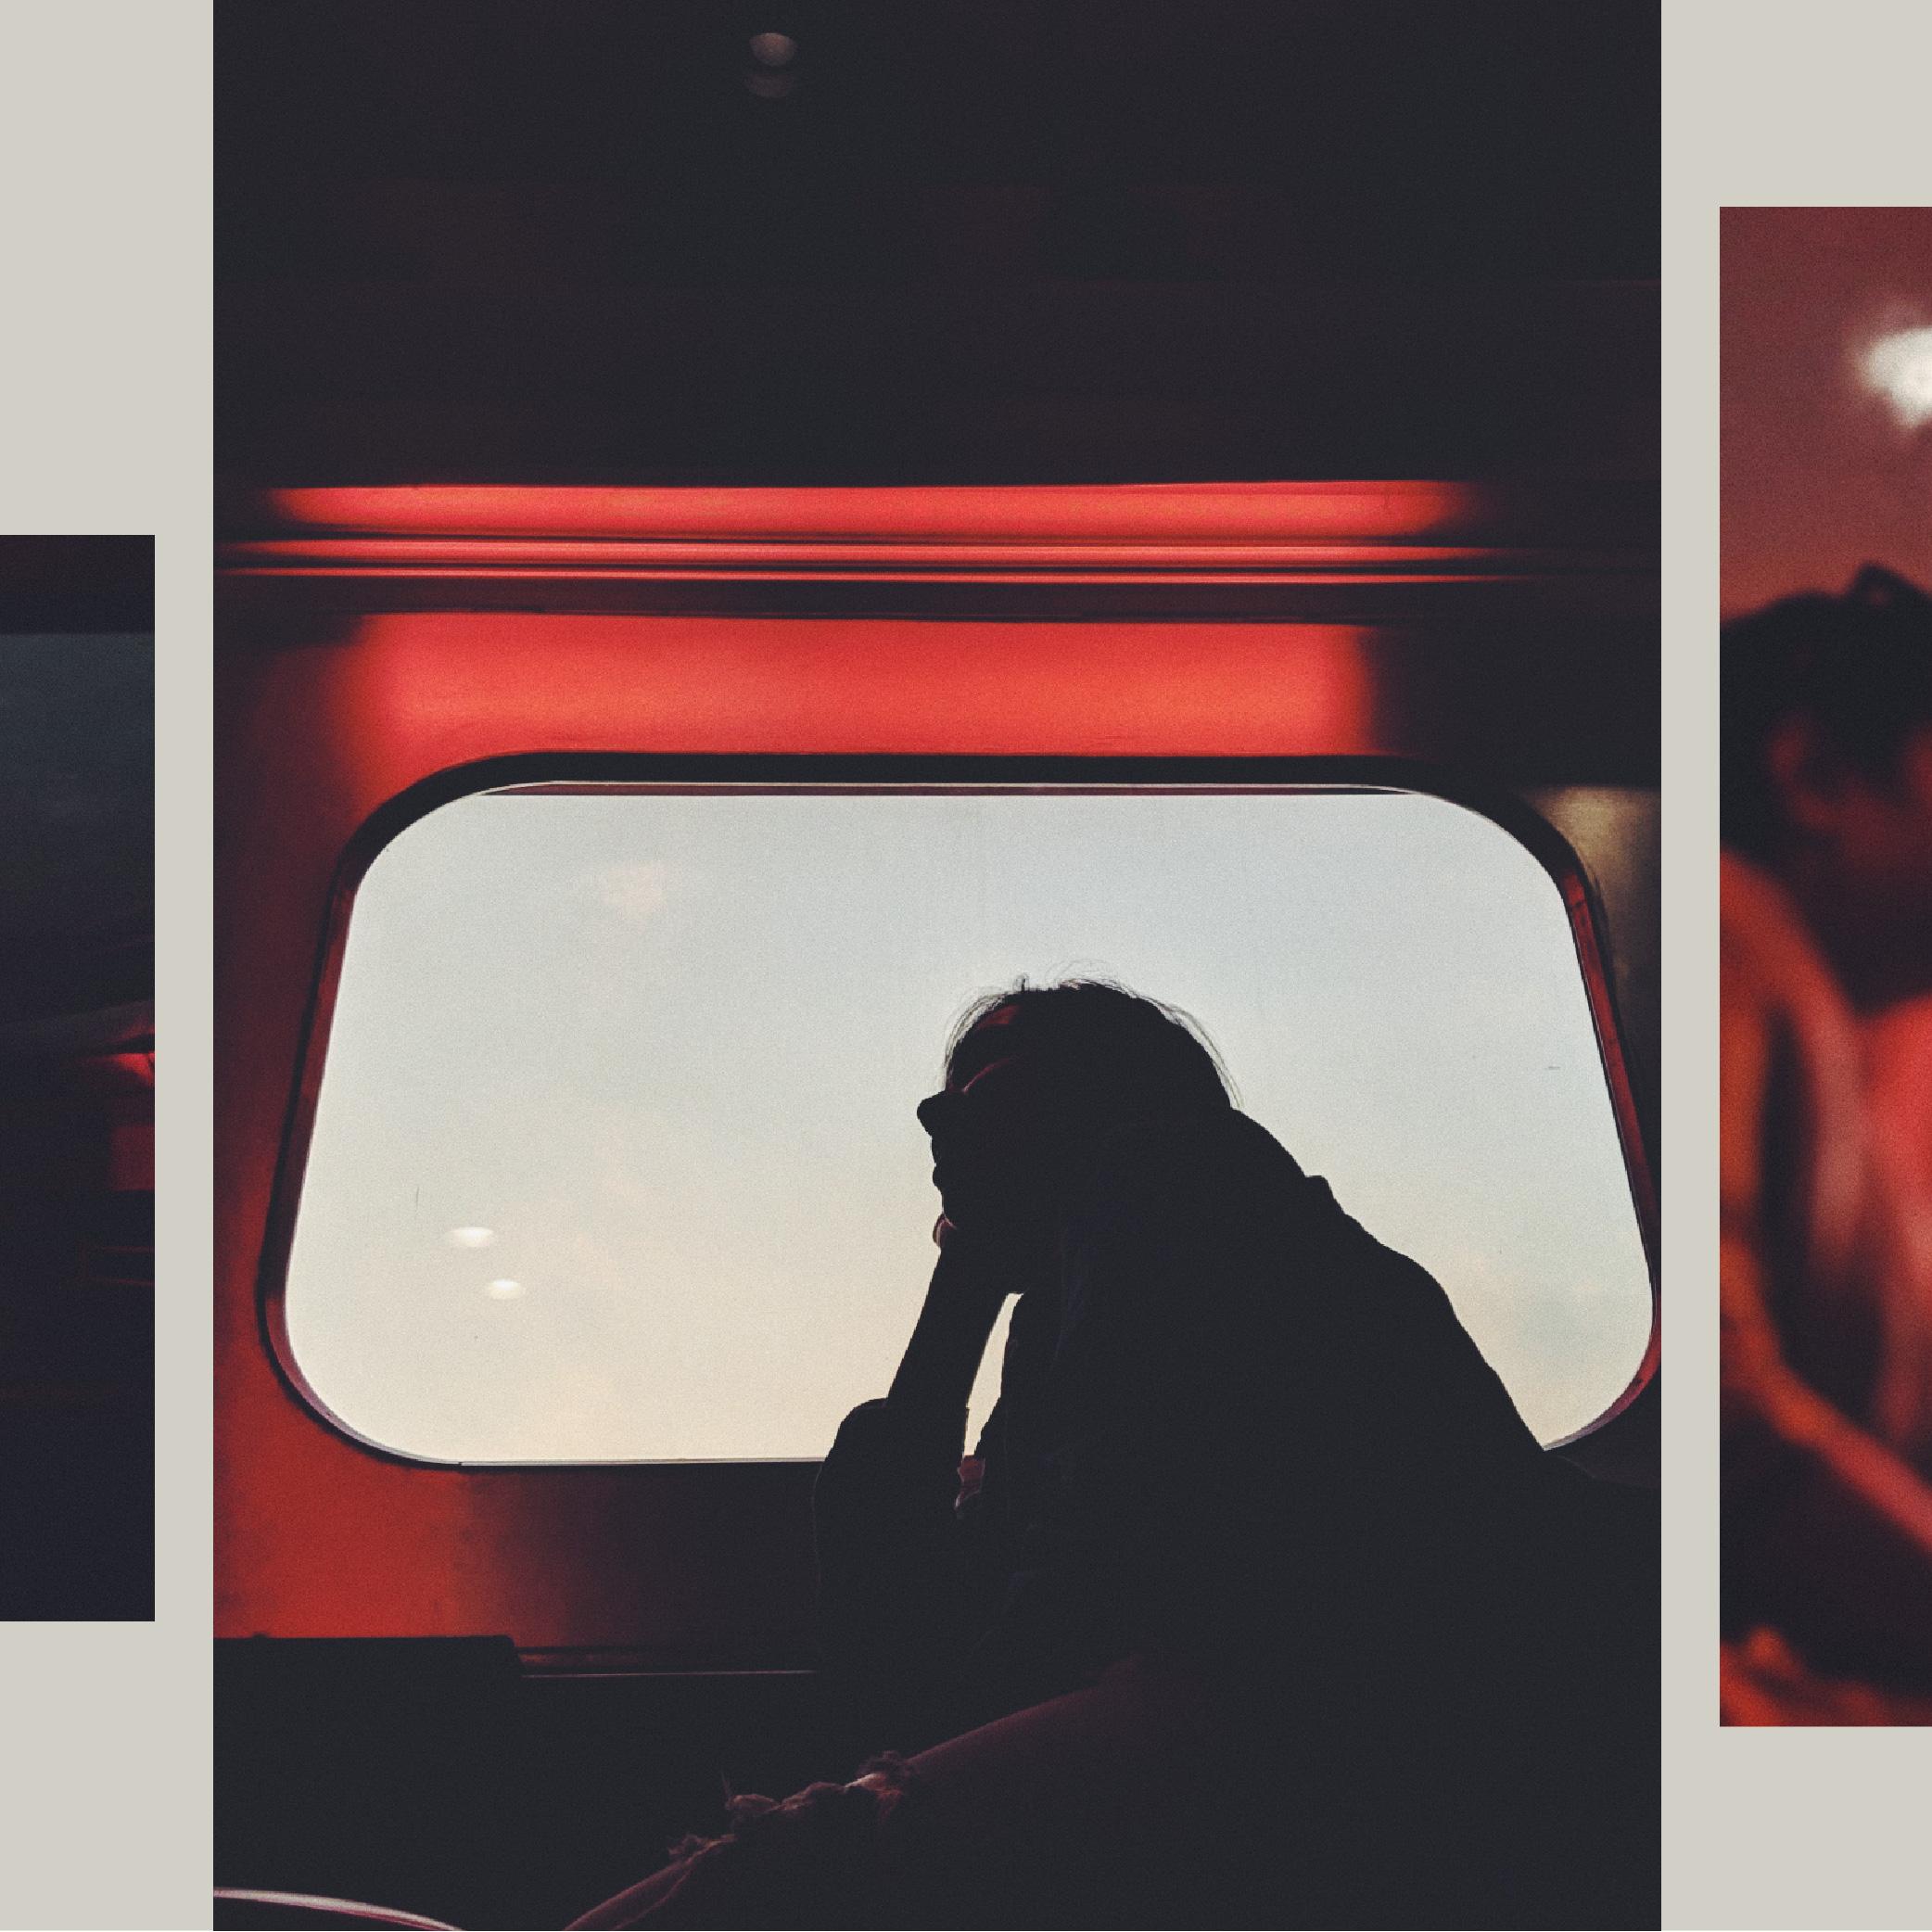 DIVI_redlight-03.jpg